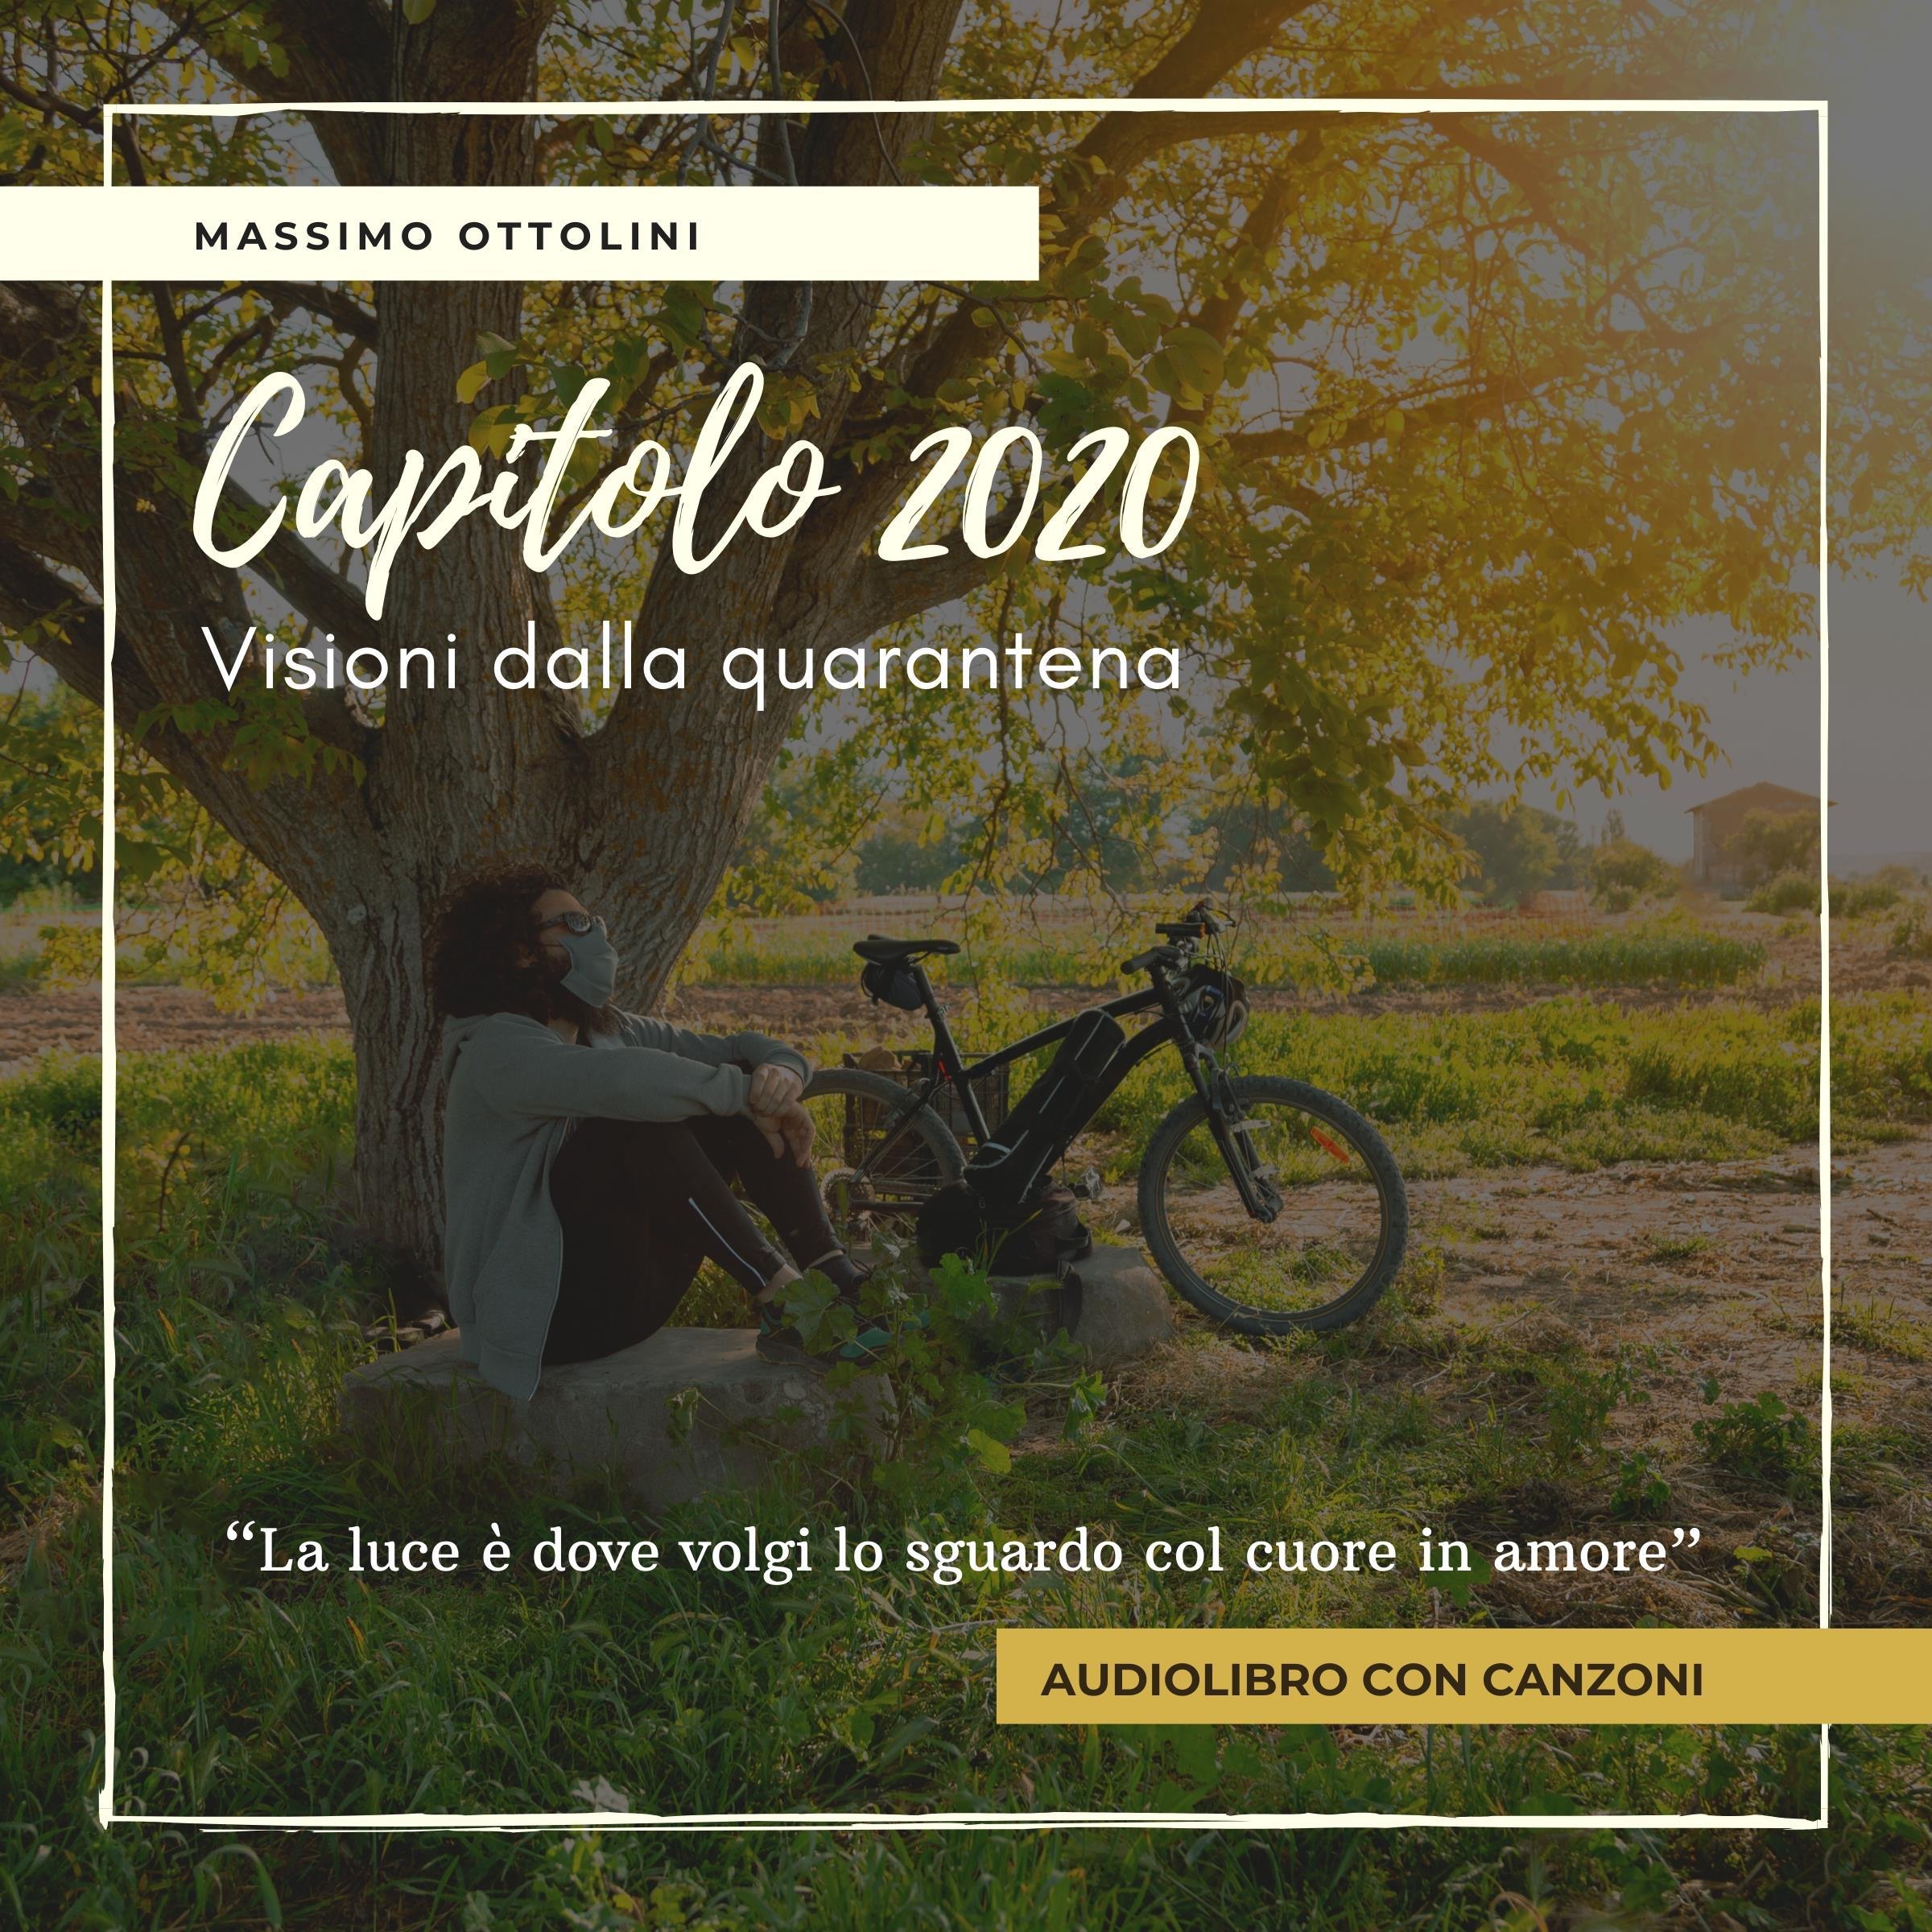 Capitolo 2020